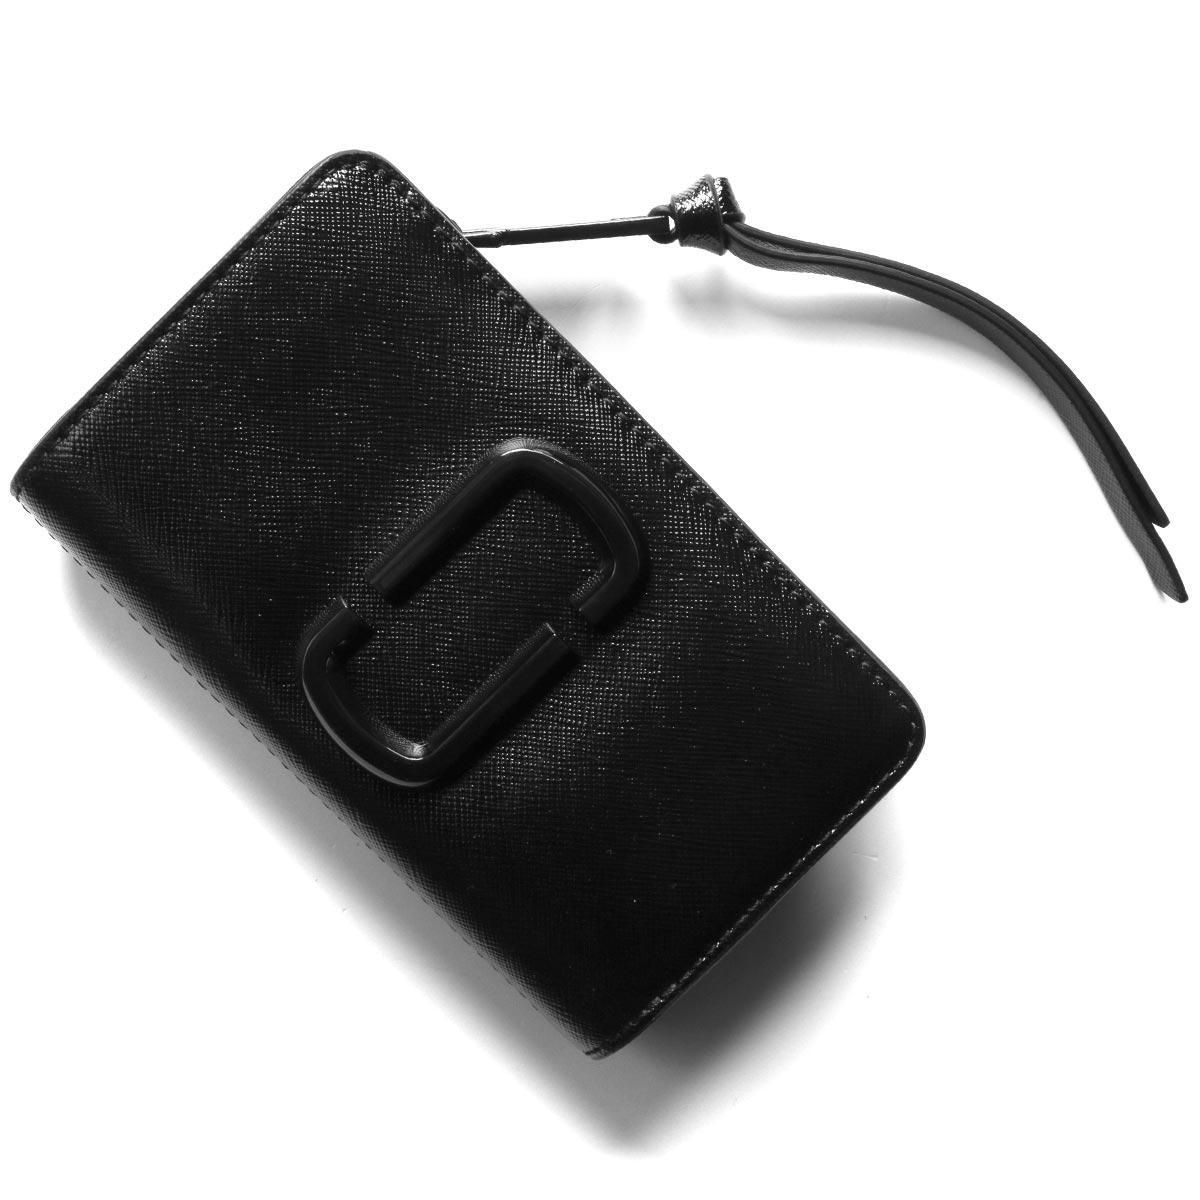 マークジェイコブス 二つ折り財布 財布 レディース スナップショット ダイ トゥー マッチ ダブルJロゴ ブラック M0014528 001 2020年春夏新作 MARC JACOBS